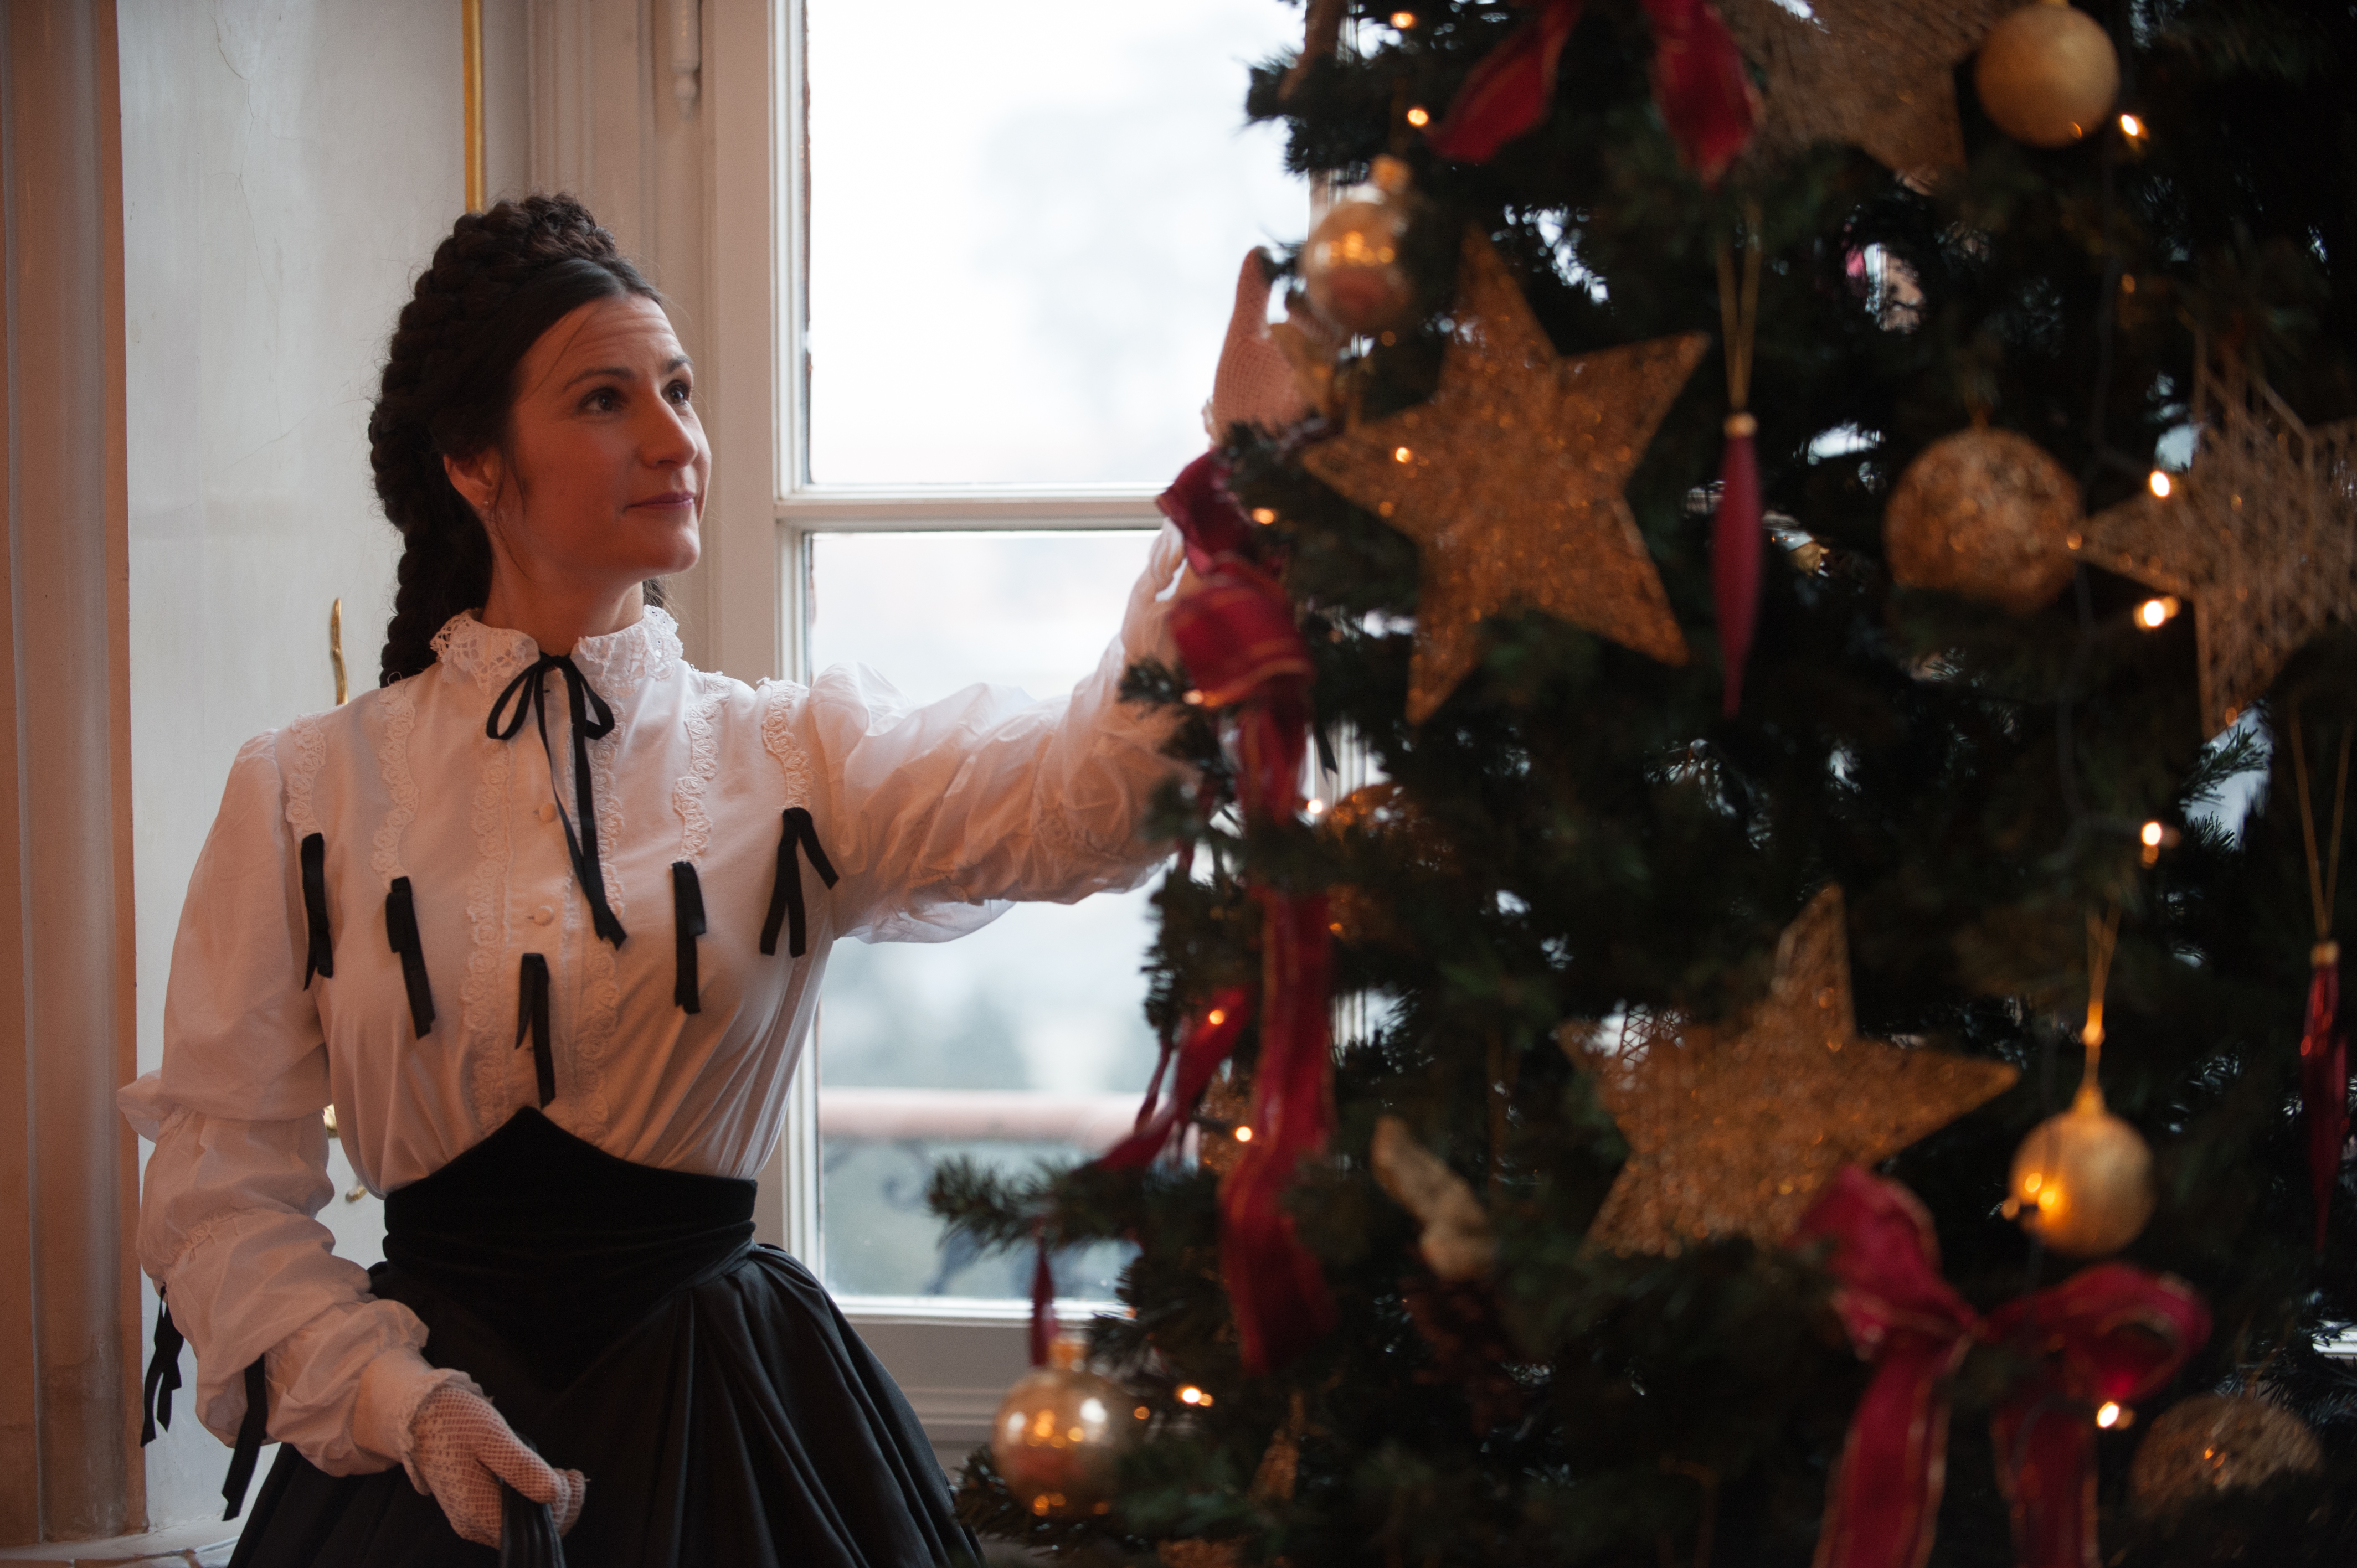 Sisi's Geburtstag! Warum verbrachte die Kaiserin die Weihnachten in der ungarischen Stadt Gödöllő gern? post's picture